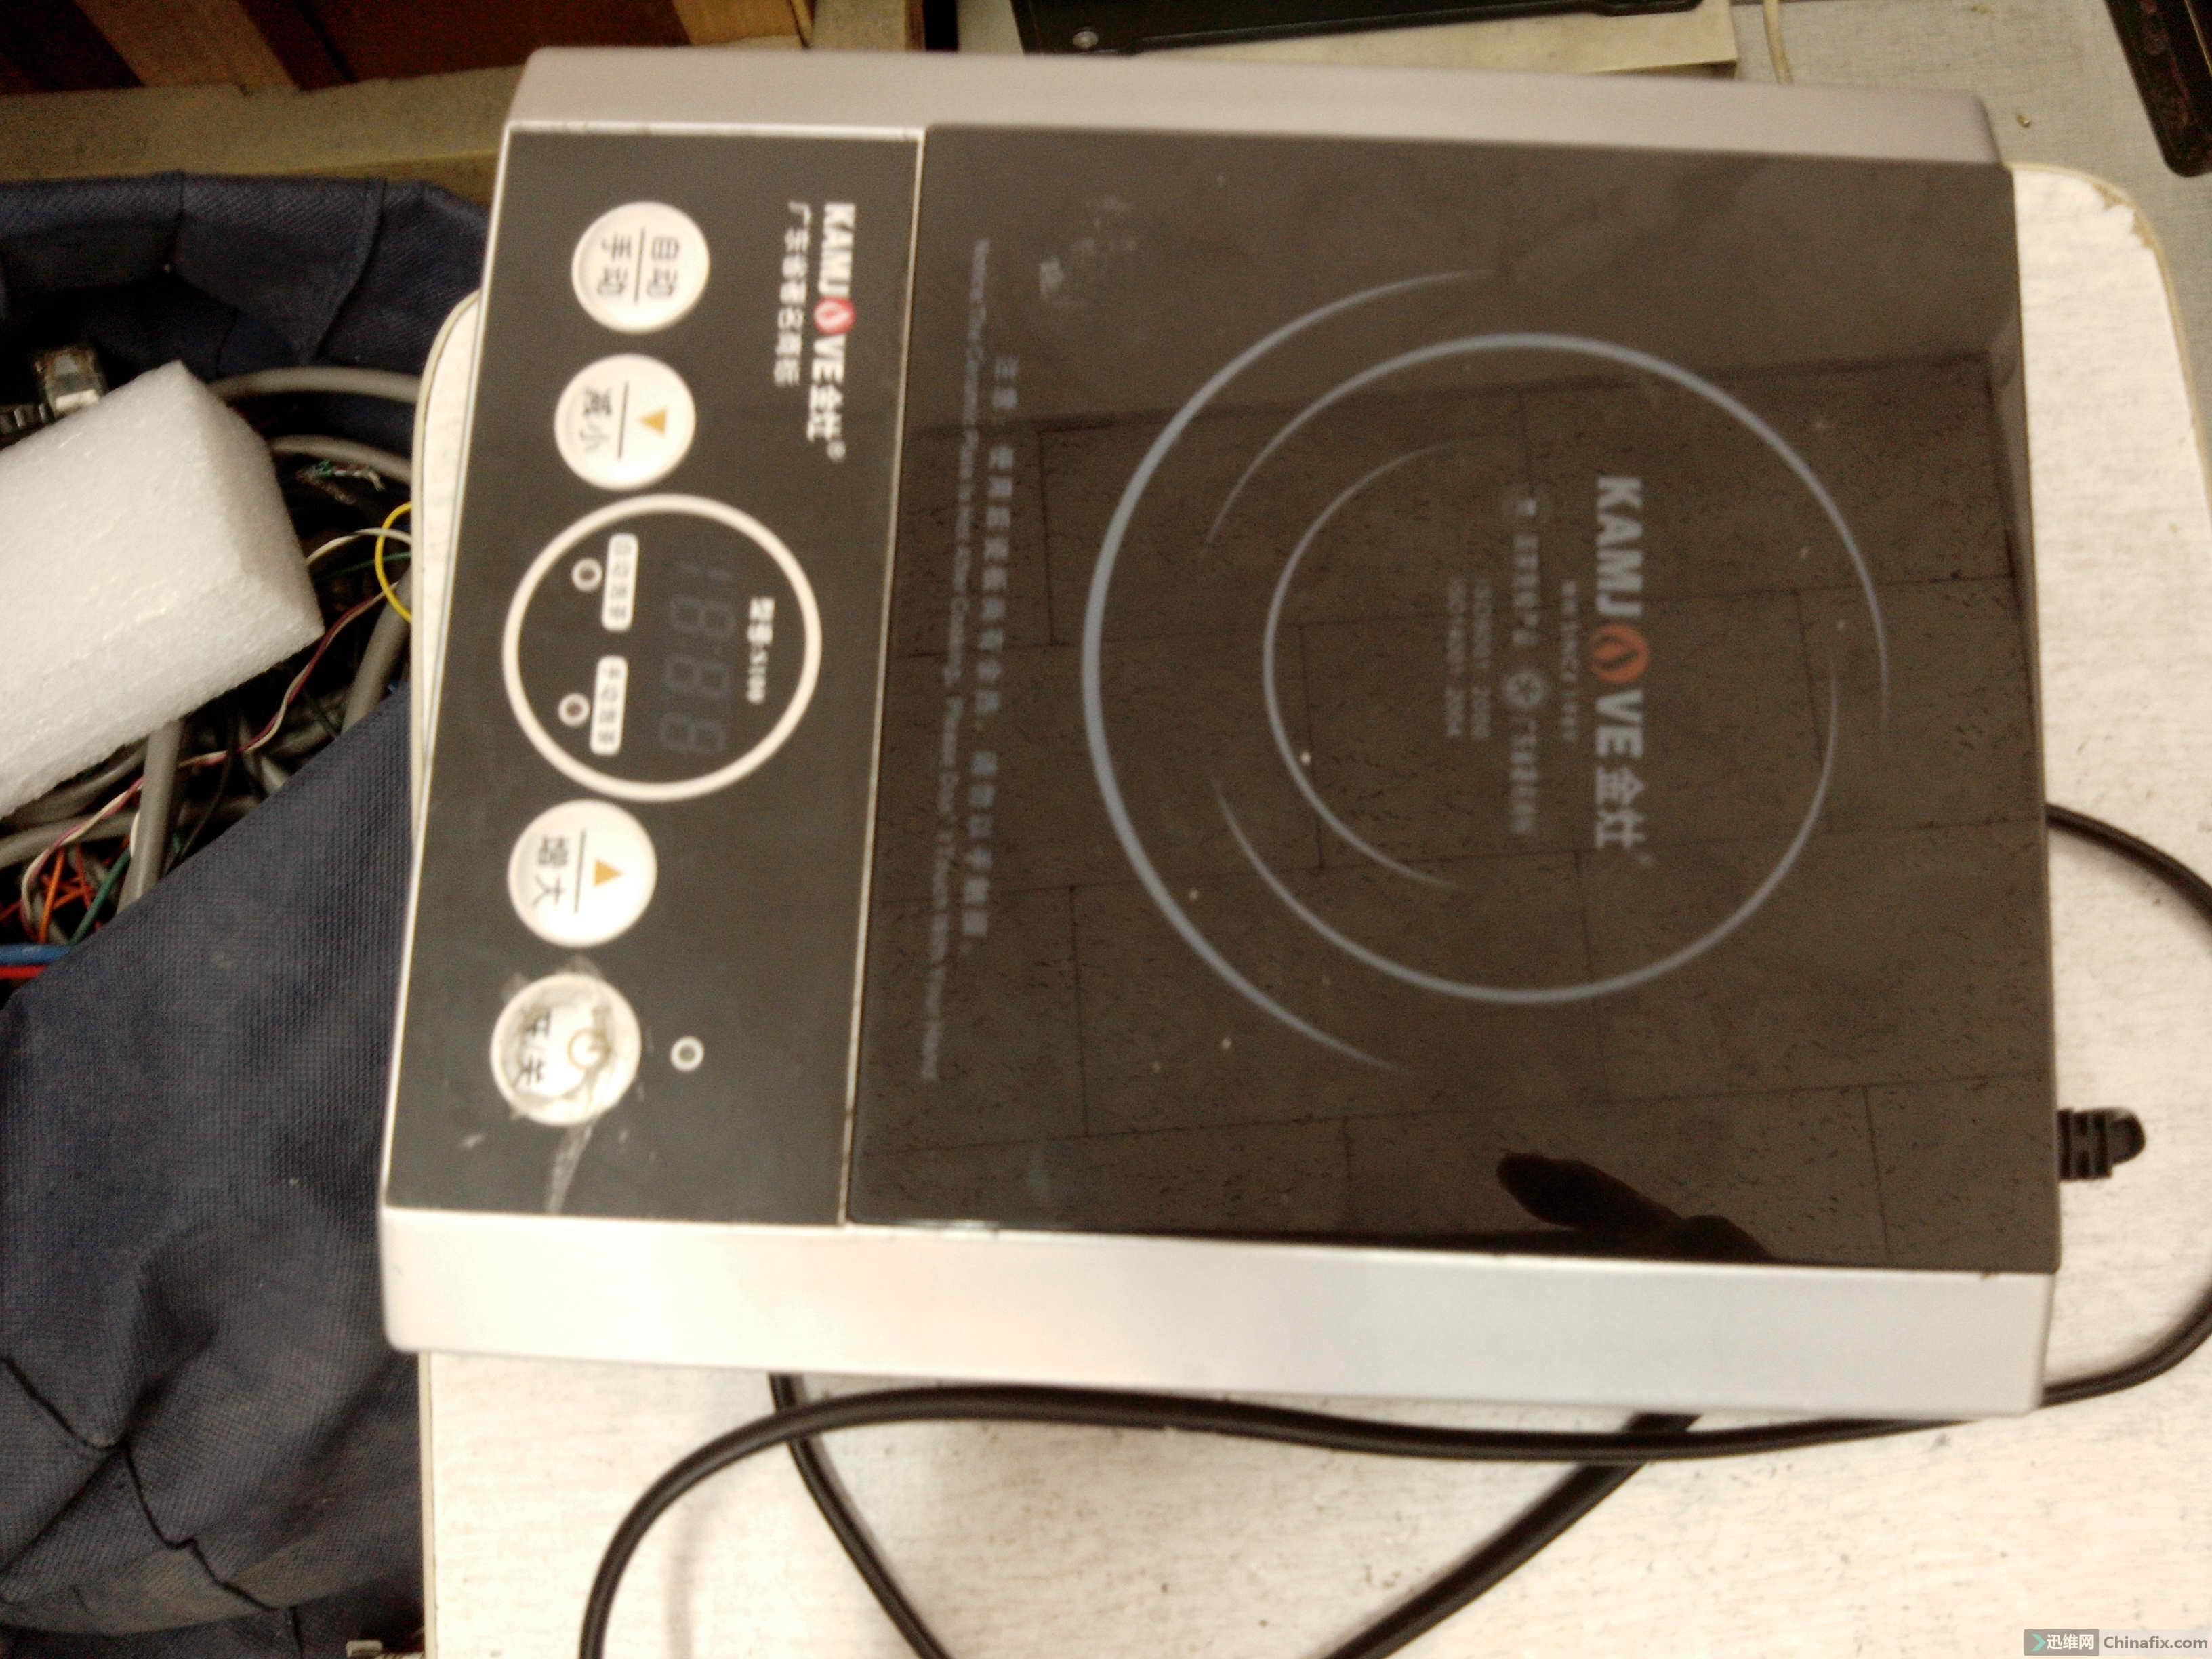 金灶s100的电路图—烧水的电磁炉不能加热如何修理(已